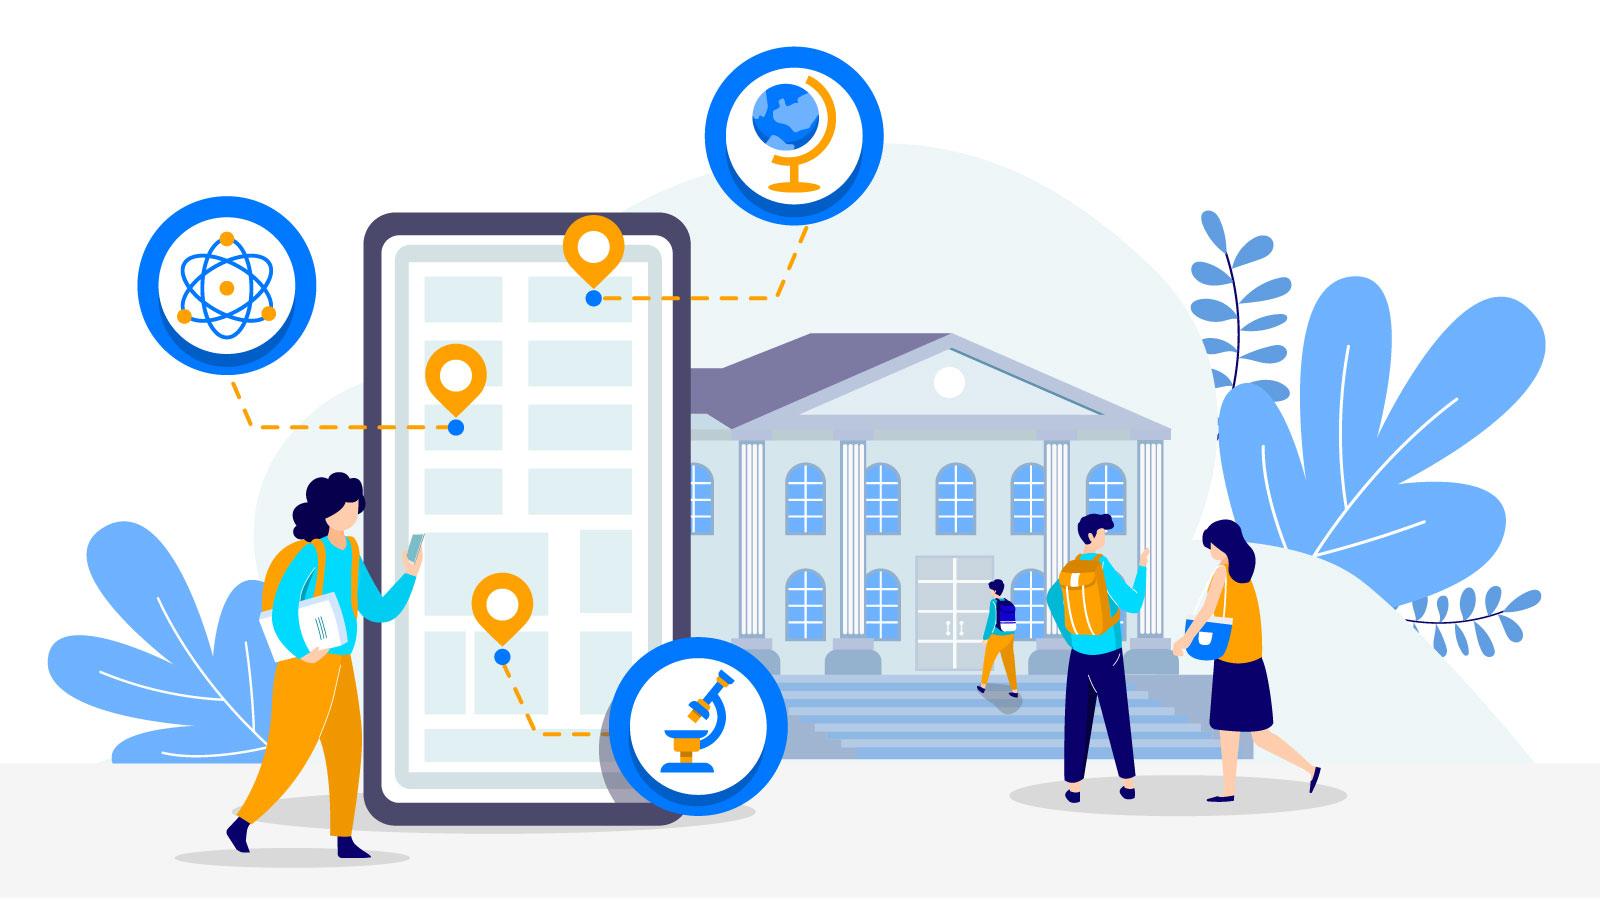 Indoor navigation for universities